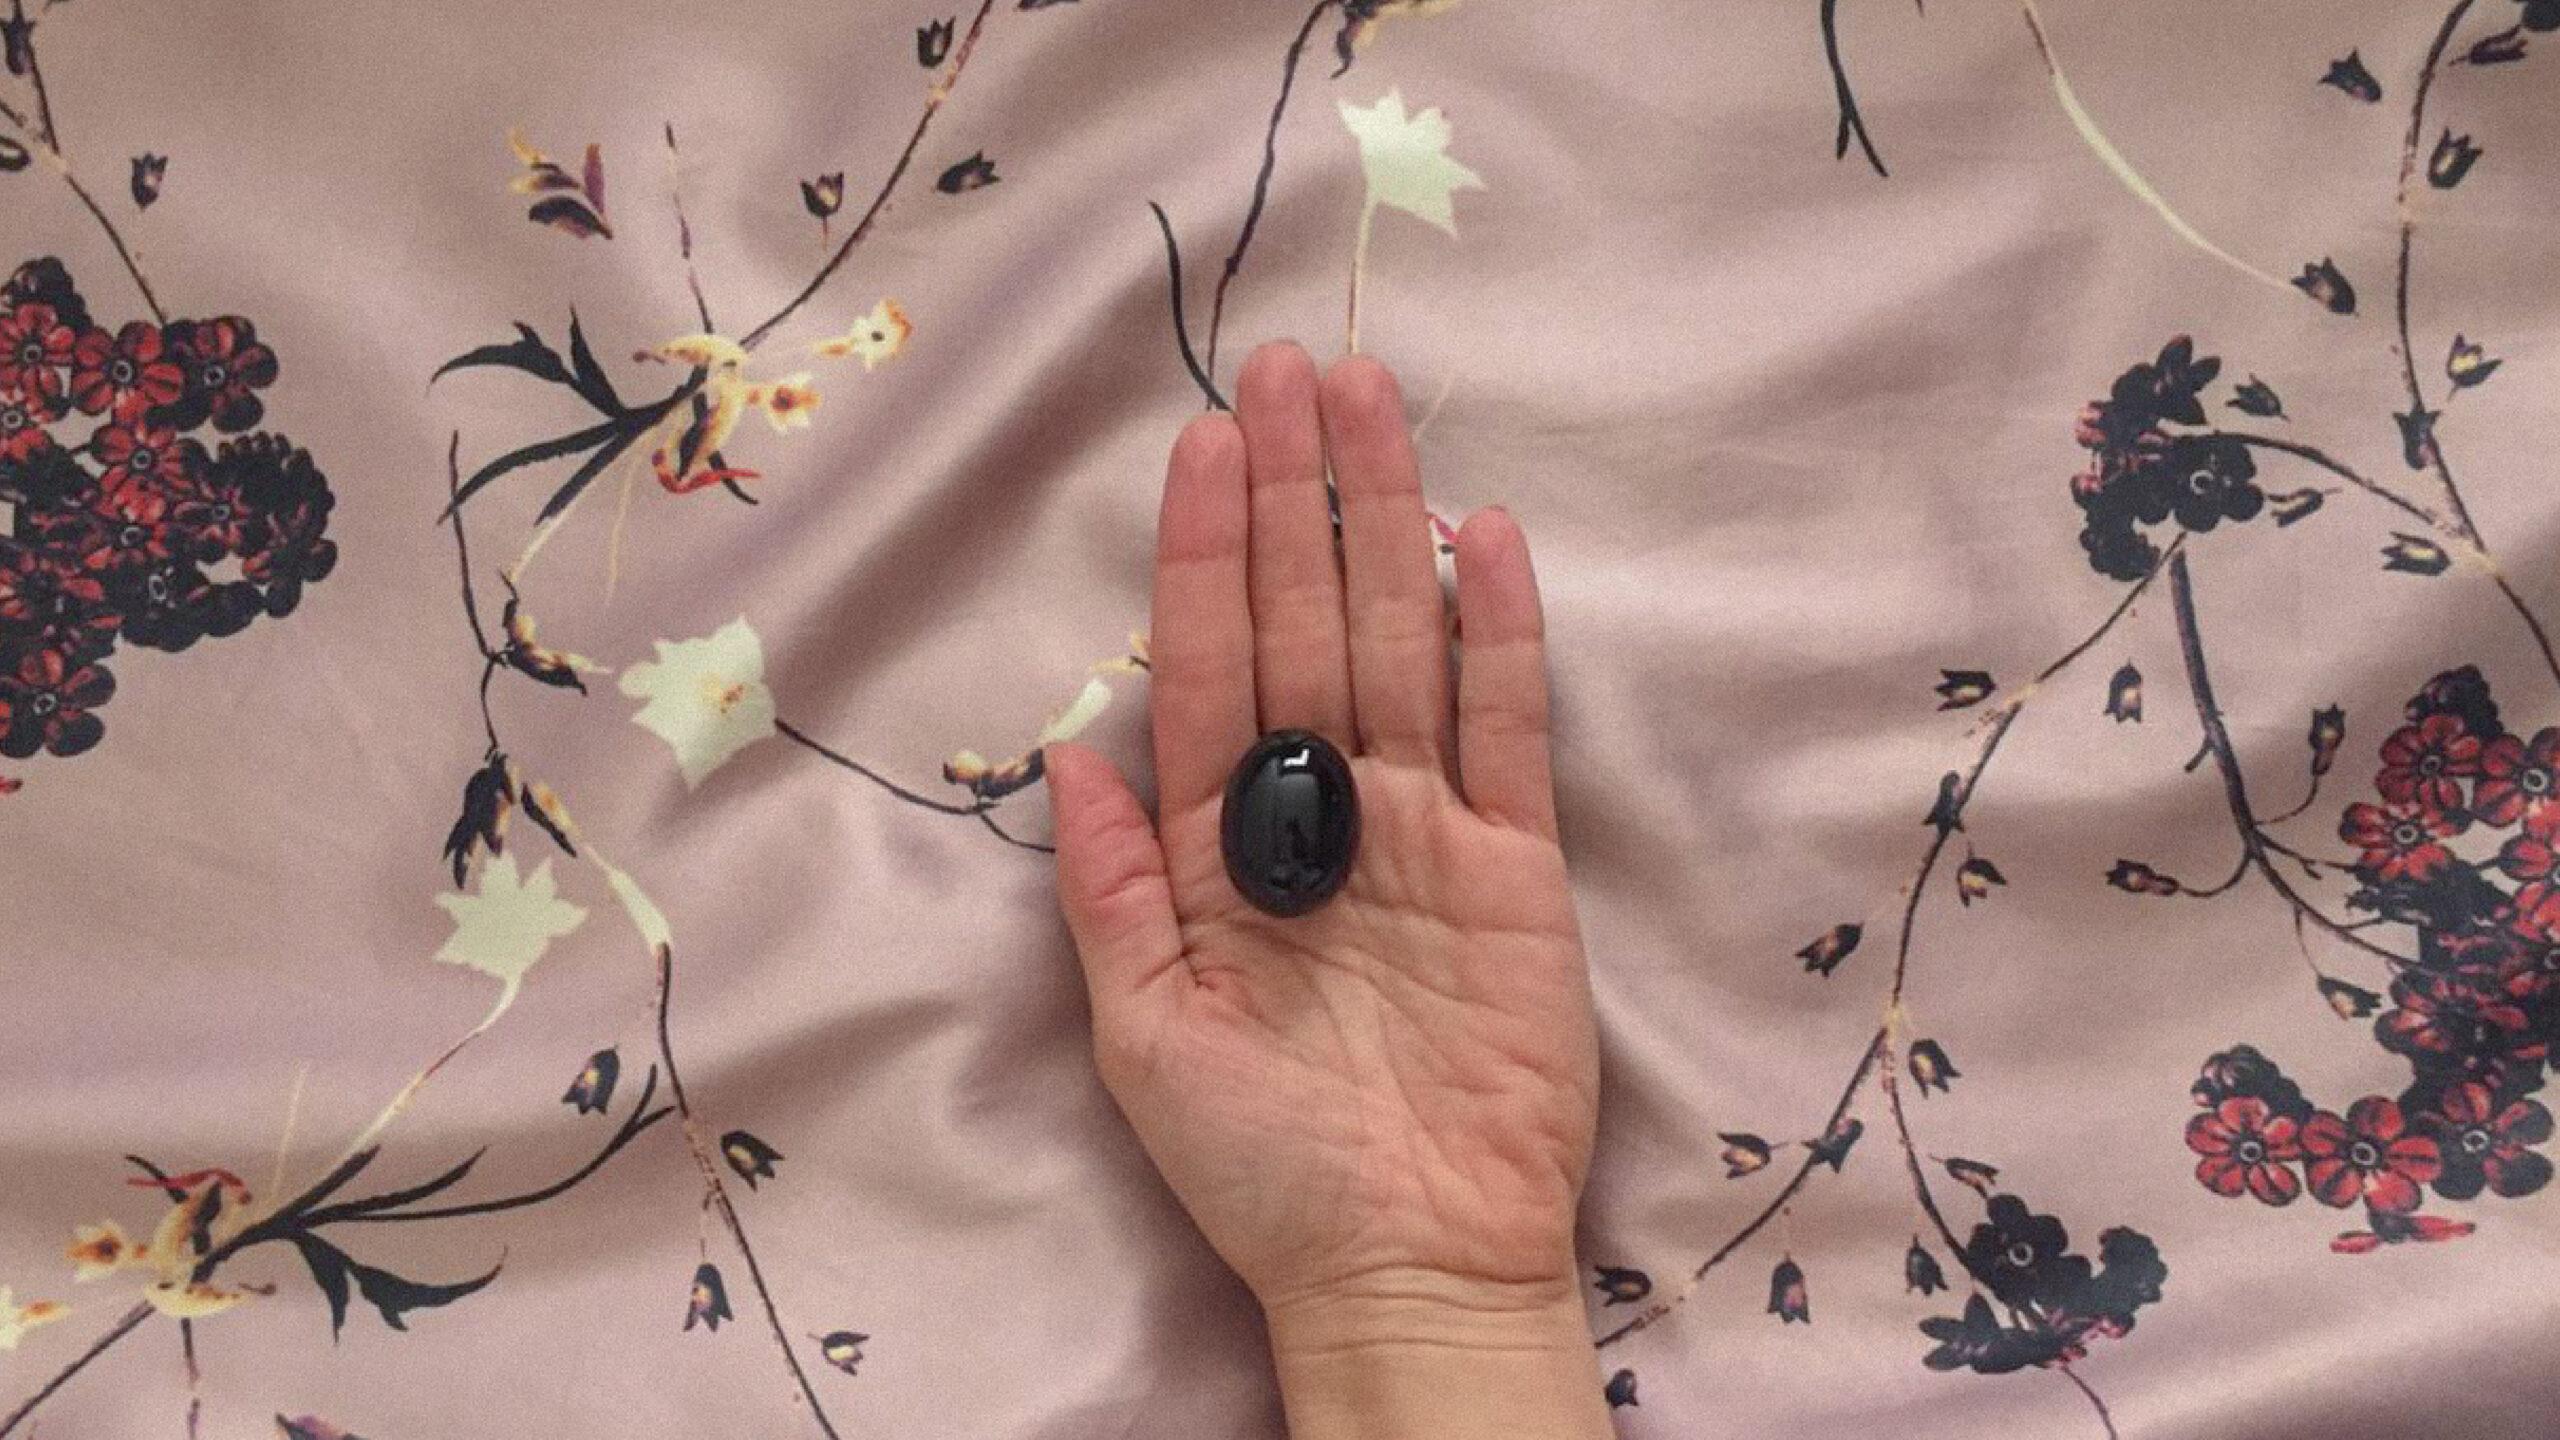 La piedra volcánica que me ayudó a sanar en cuarentena